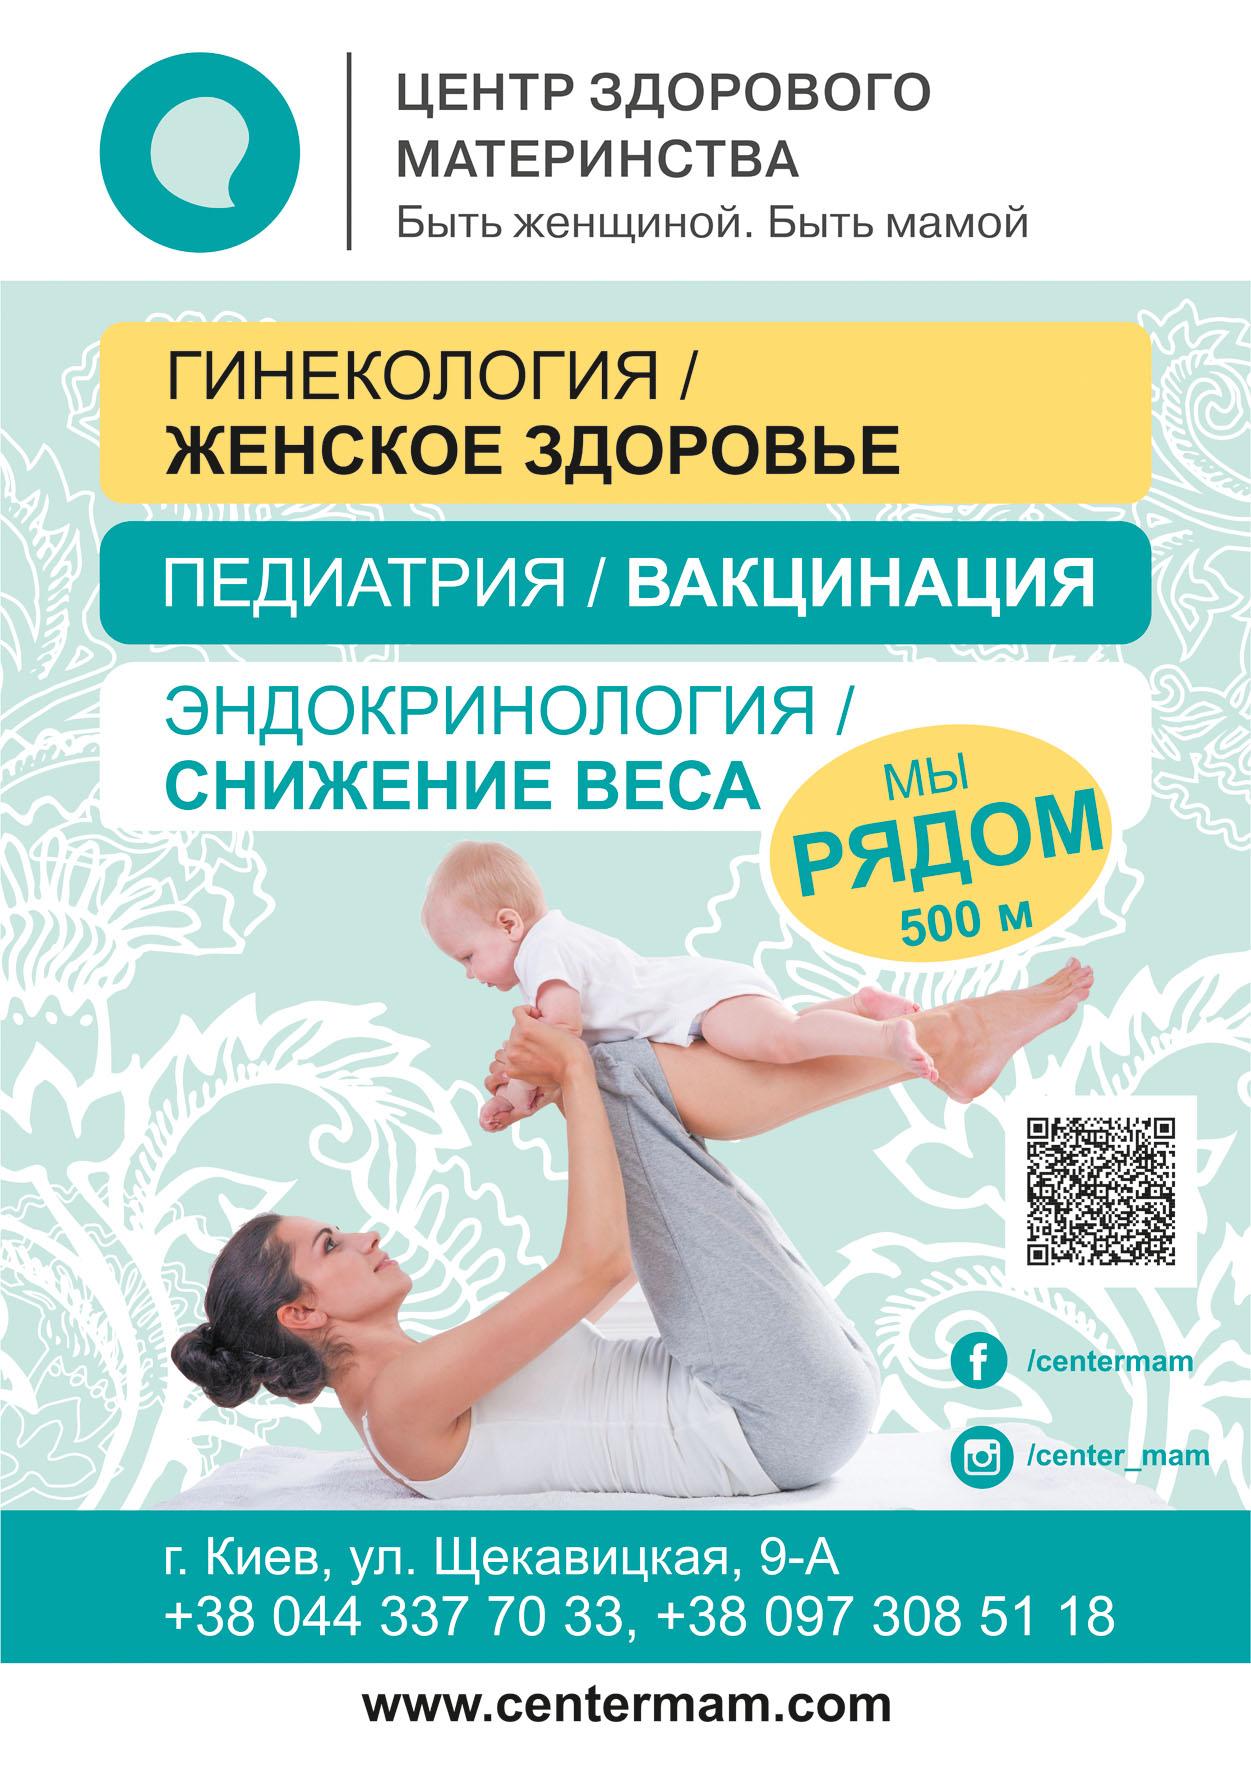 Дизайн плаката гинекологической клиники